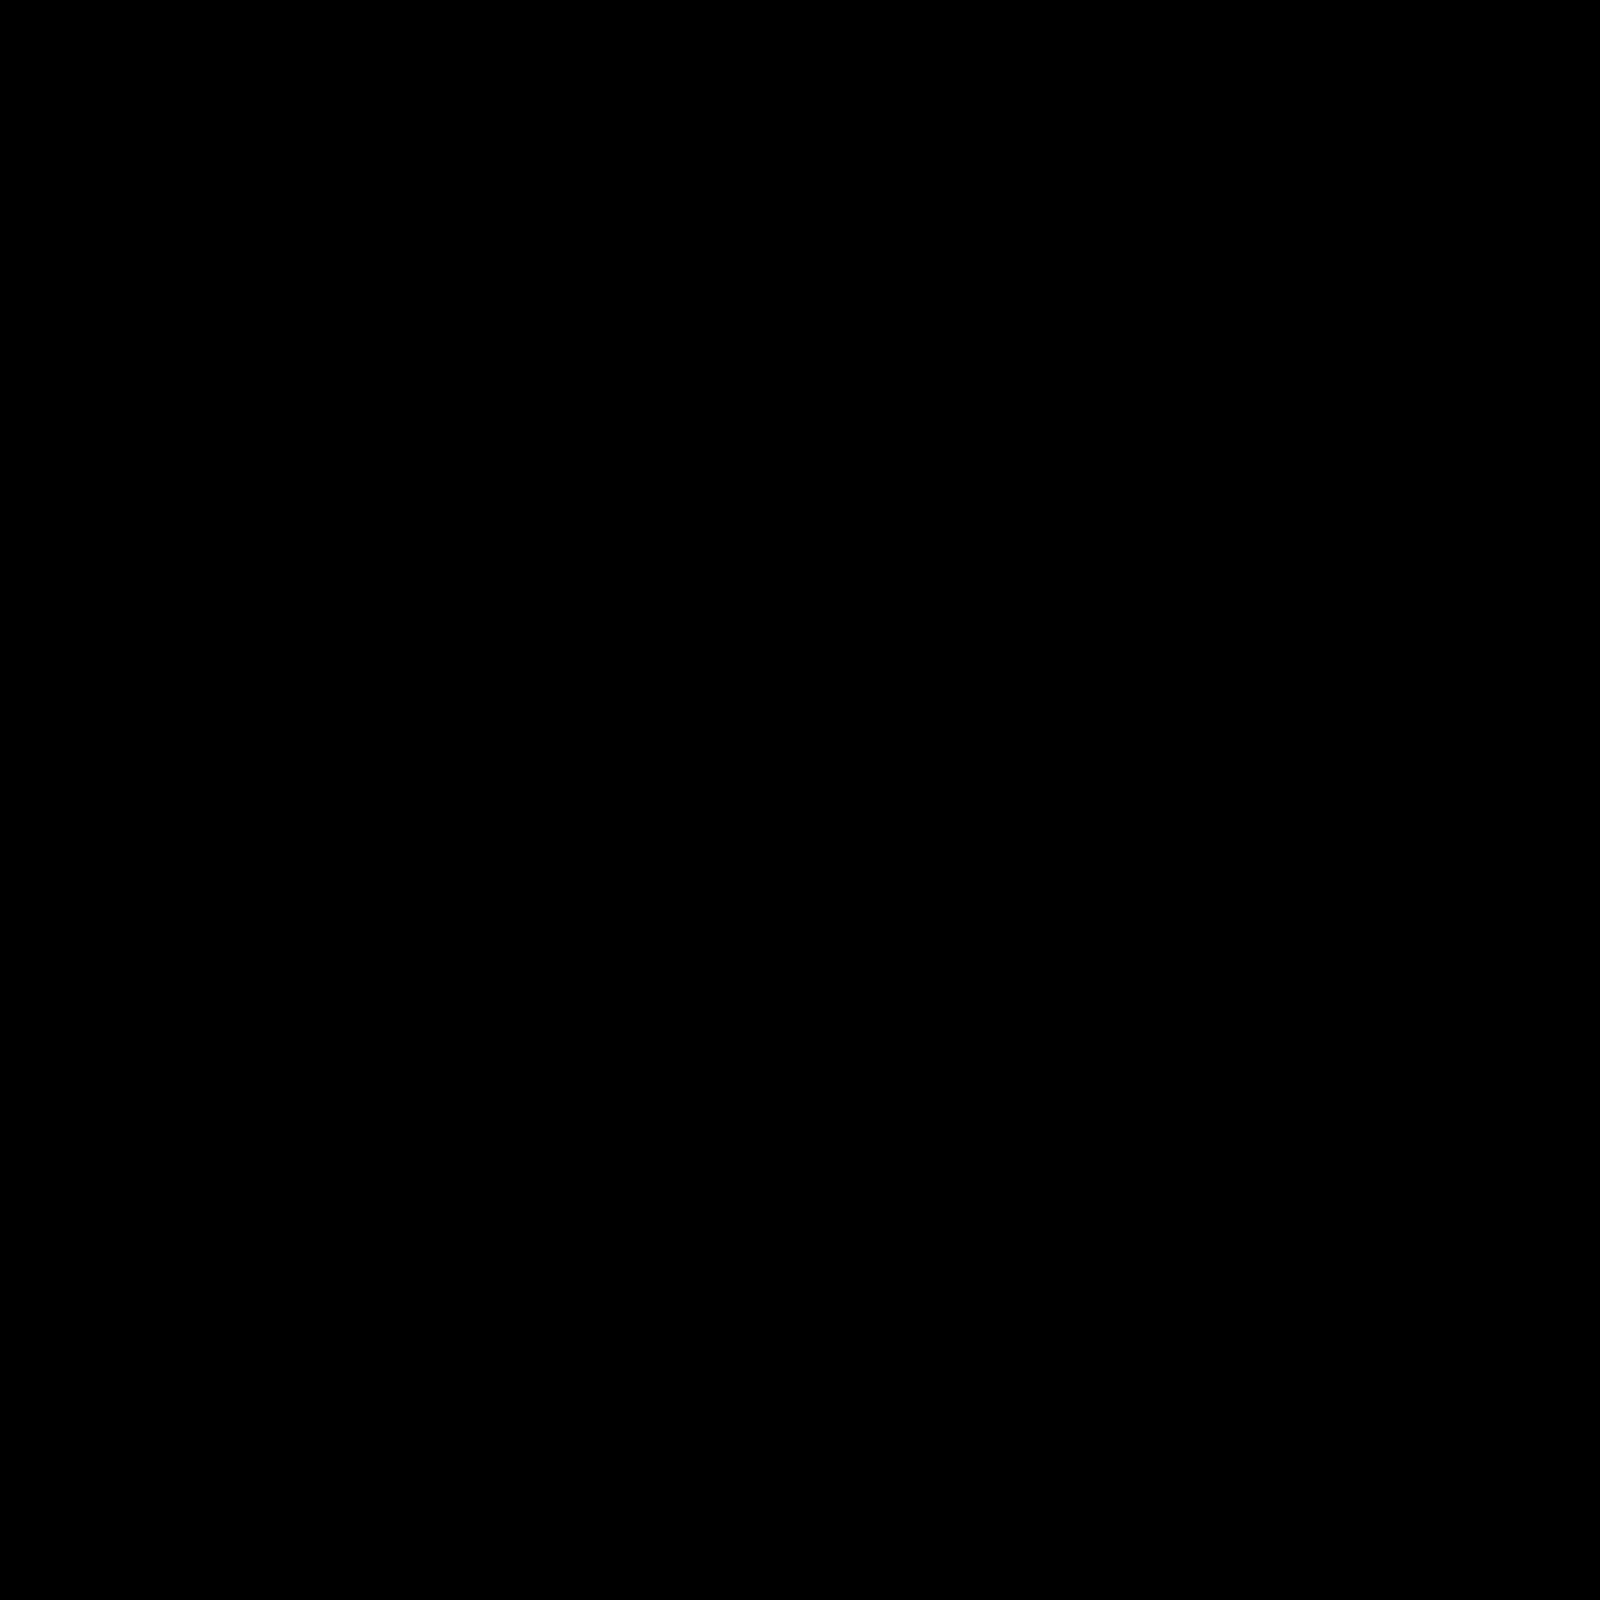 汇款 icon. The icon is a picture for the logo Money Transfer. The icon is in the shape of a rectangle. The rectangle is what appears to be an envelope. The envelope looks to have a bill coming out of the top of it.